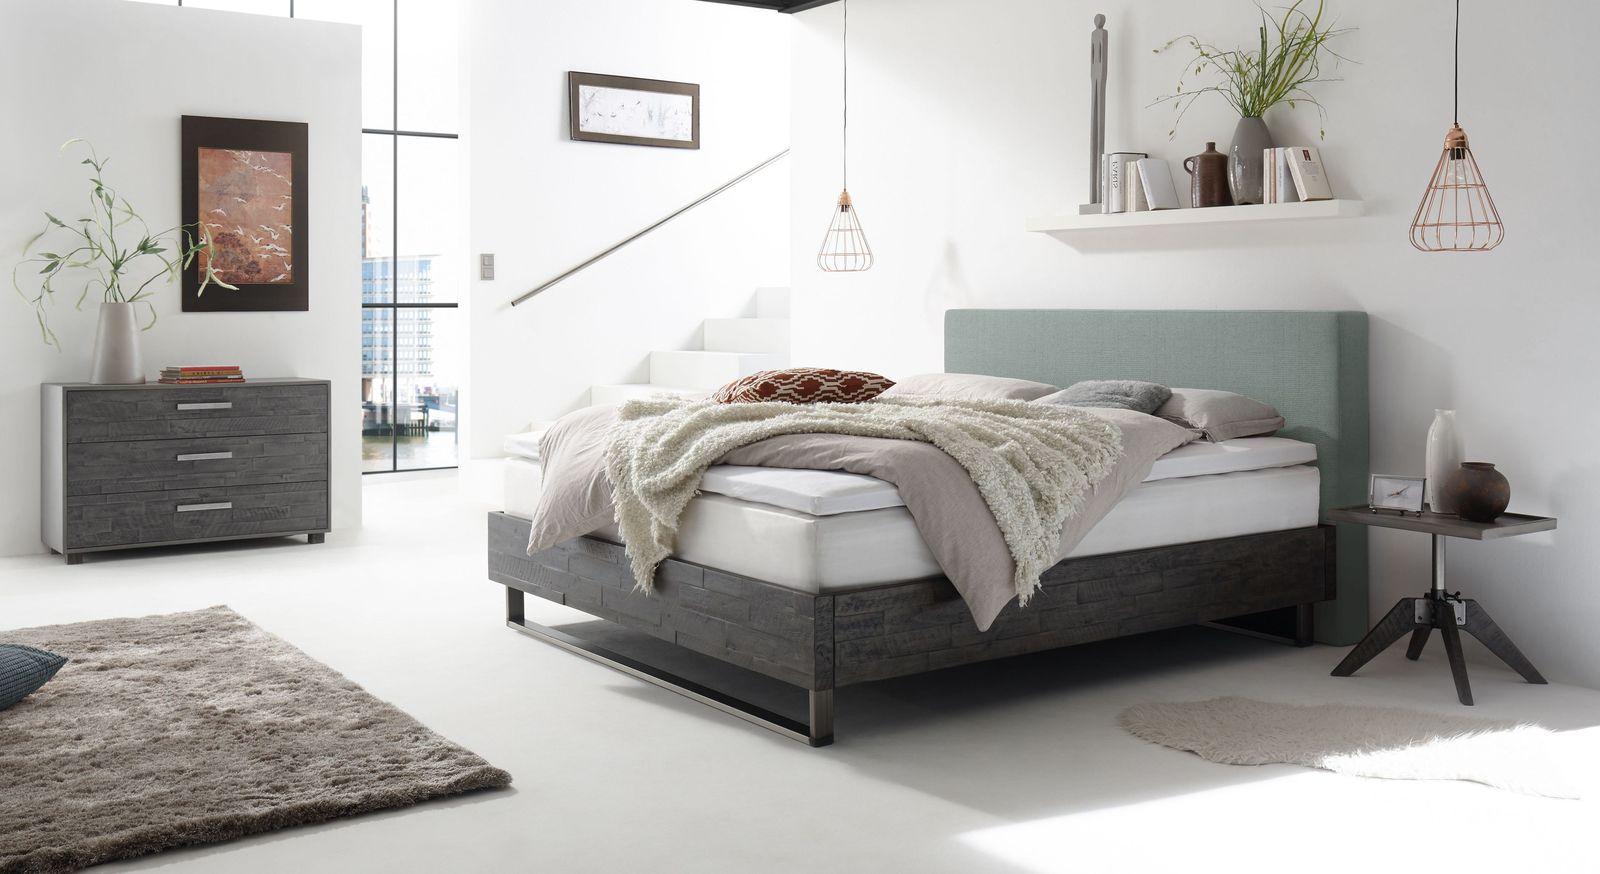 Boxspringbett Mijas mit passender Schlafzimmer-Einrichtung